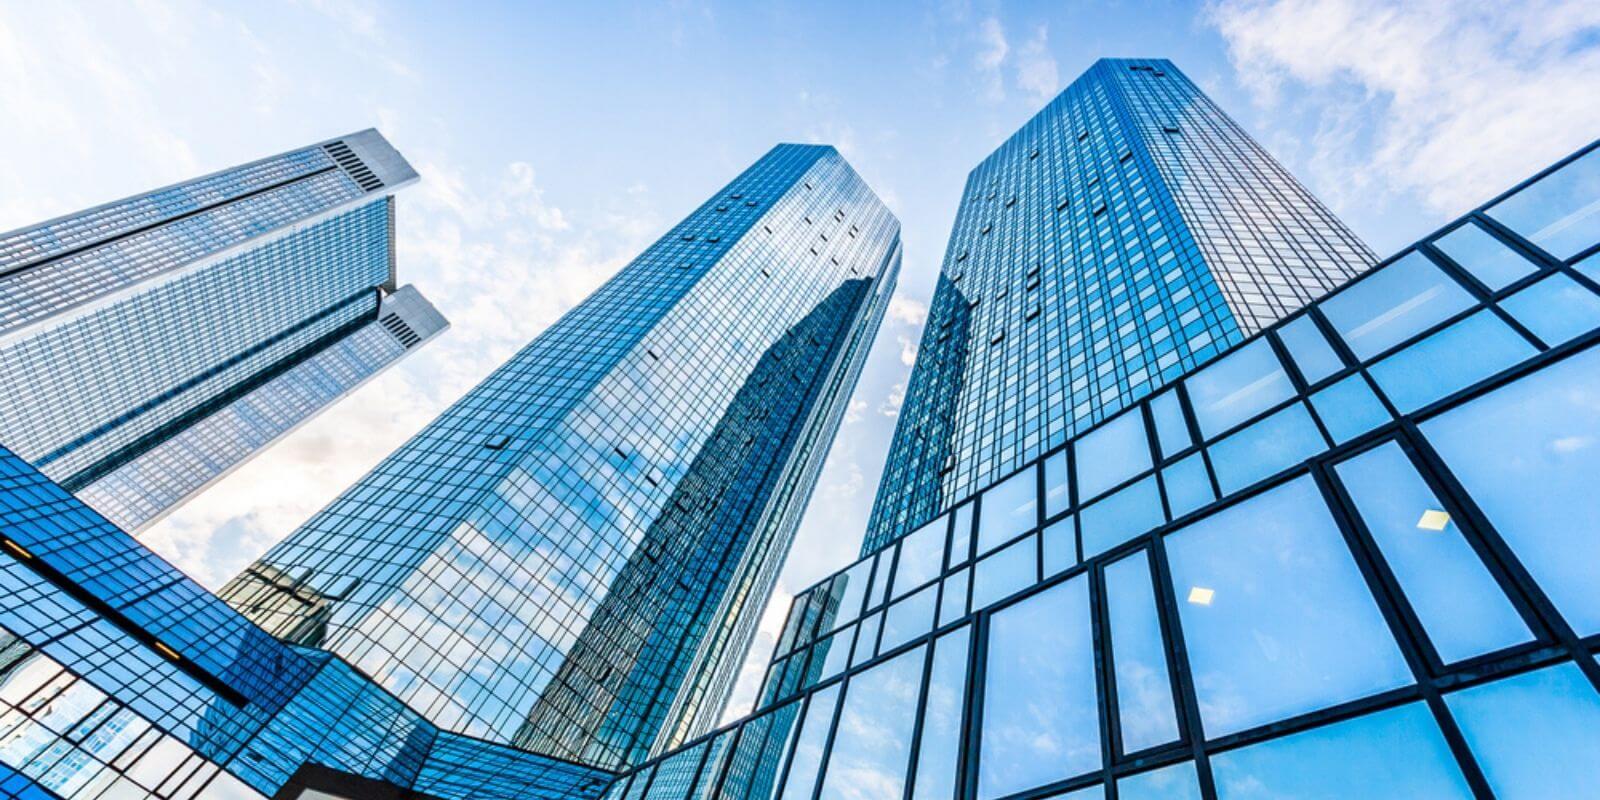 Allemagne: les banques pourront vendre et conserver des cryptos dès 2020